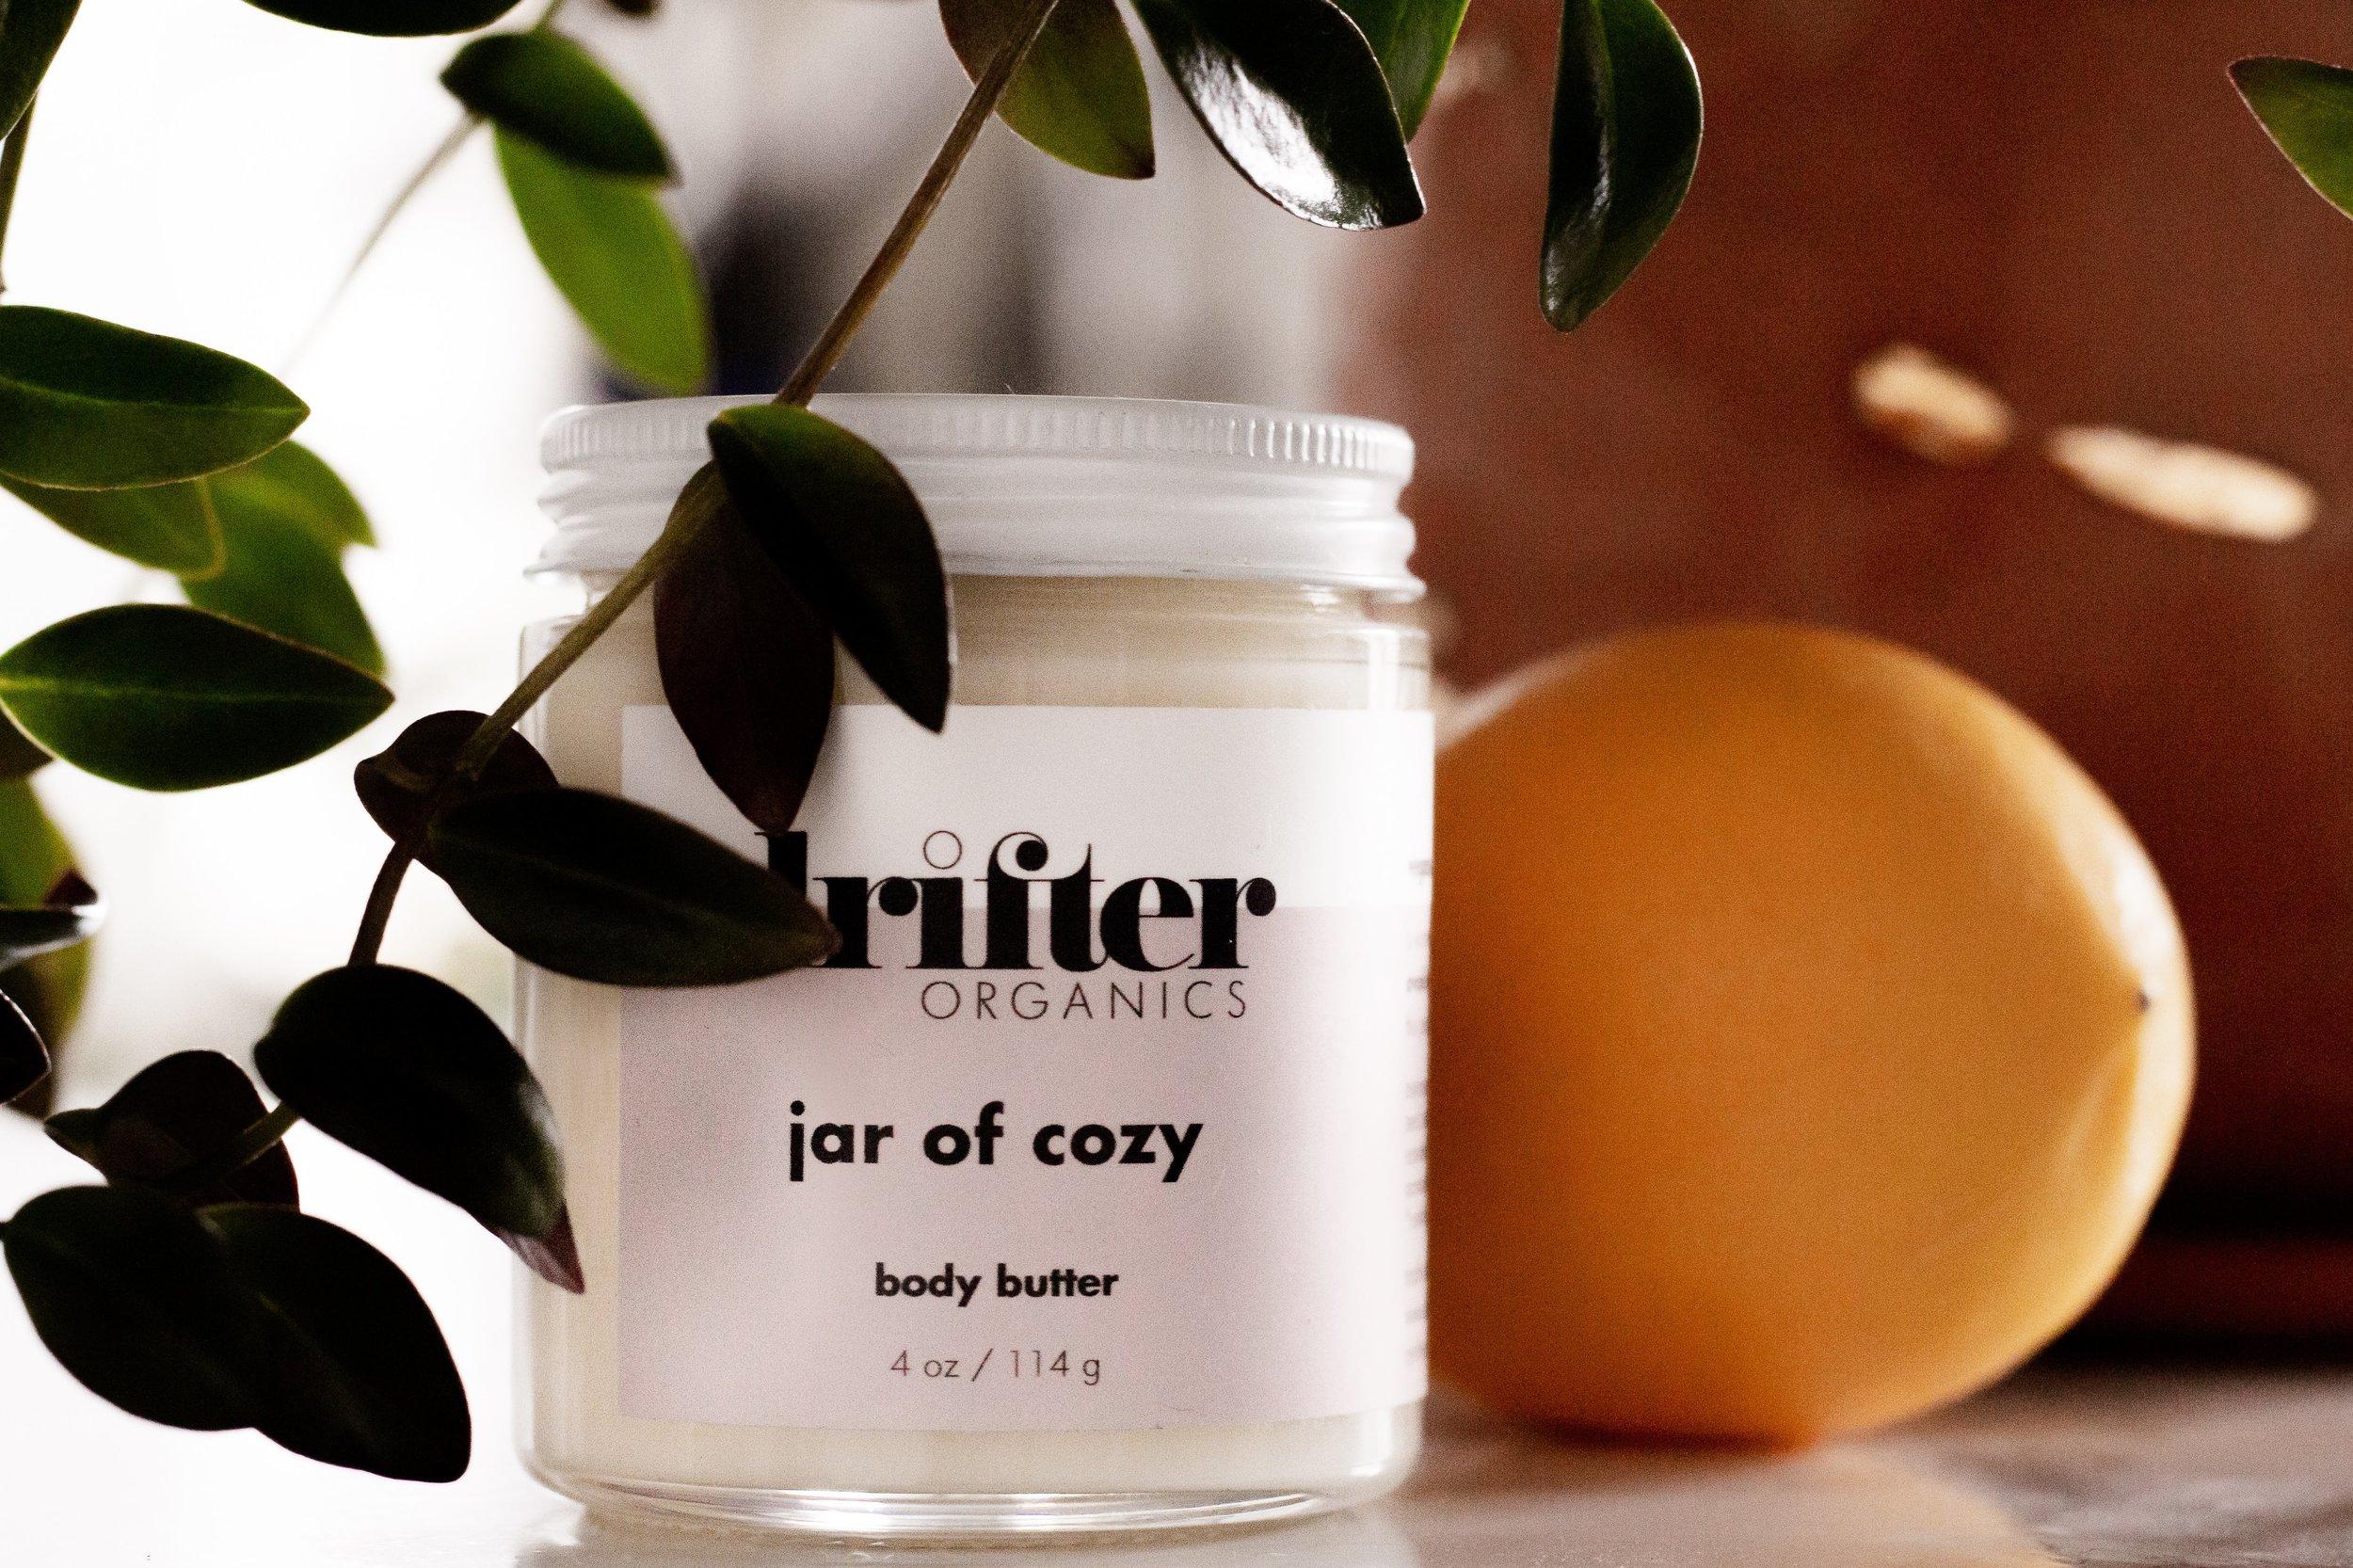 Drifter Organics jar of cozy body butter